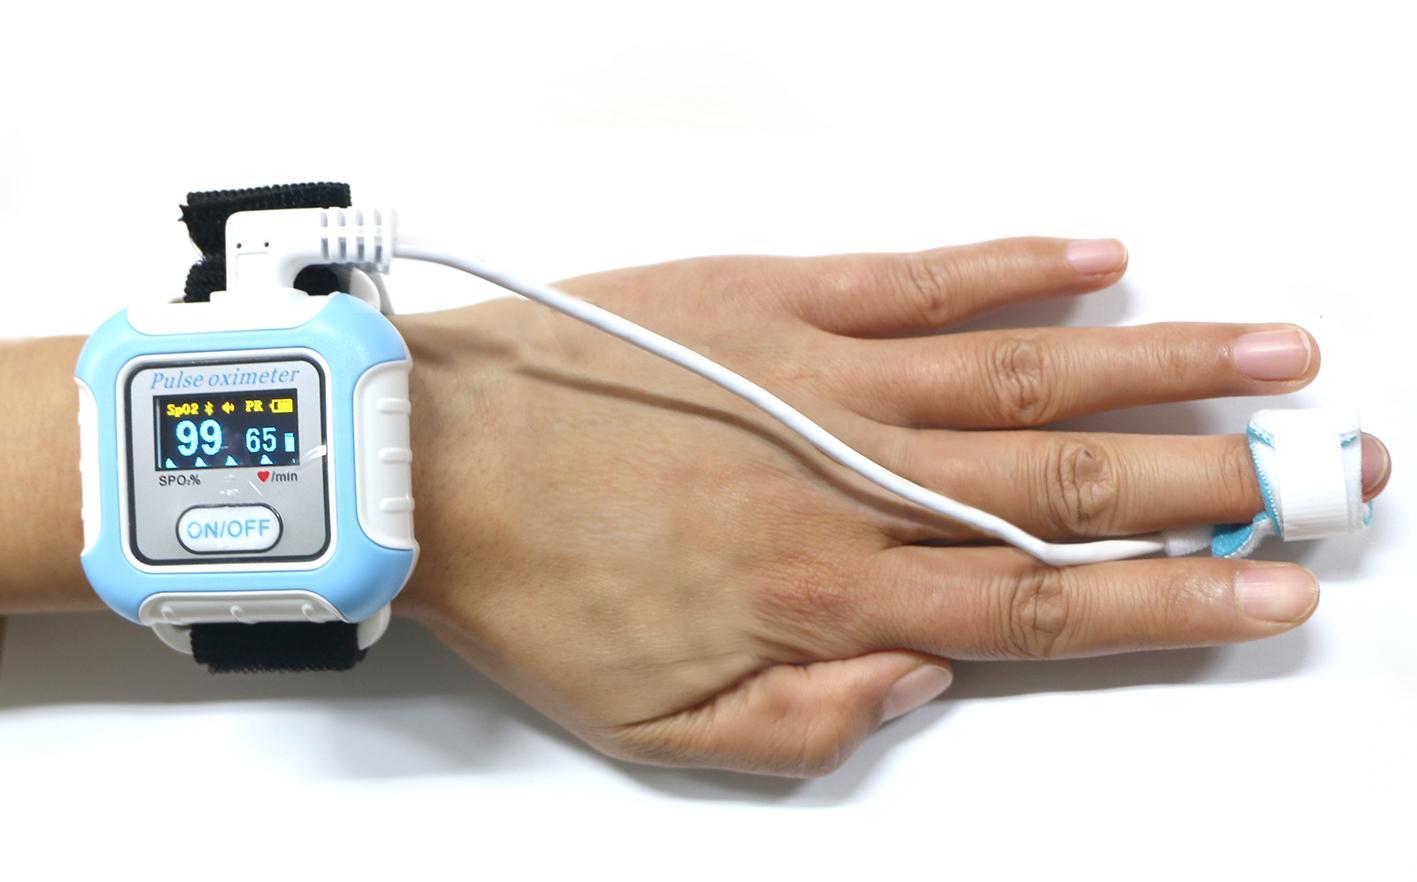 診斷睡眠呼吸暫停醫學CE批准藍牙手腕脈搏血氧儀 4